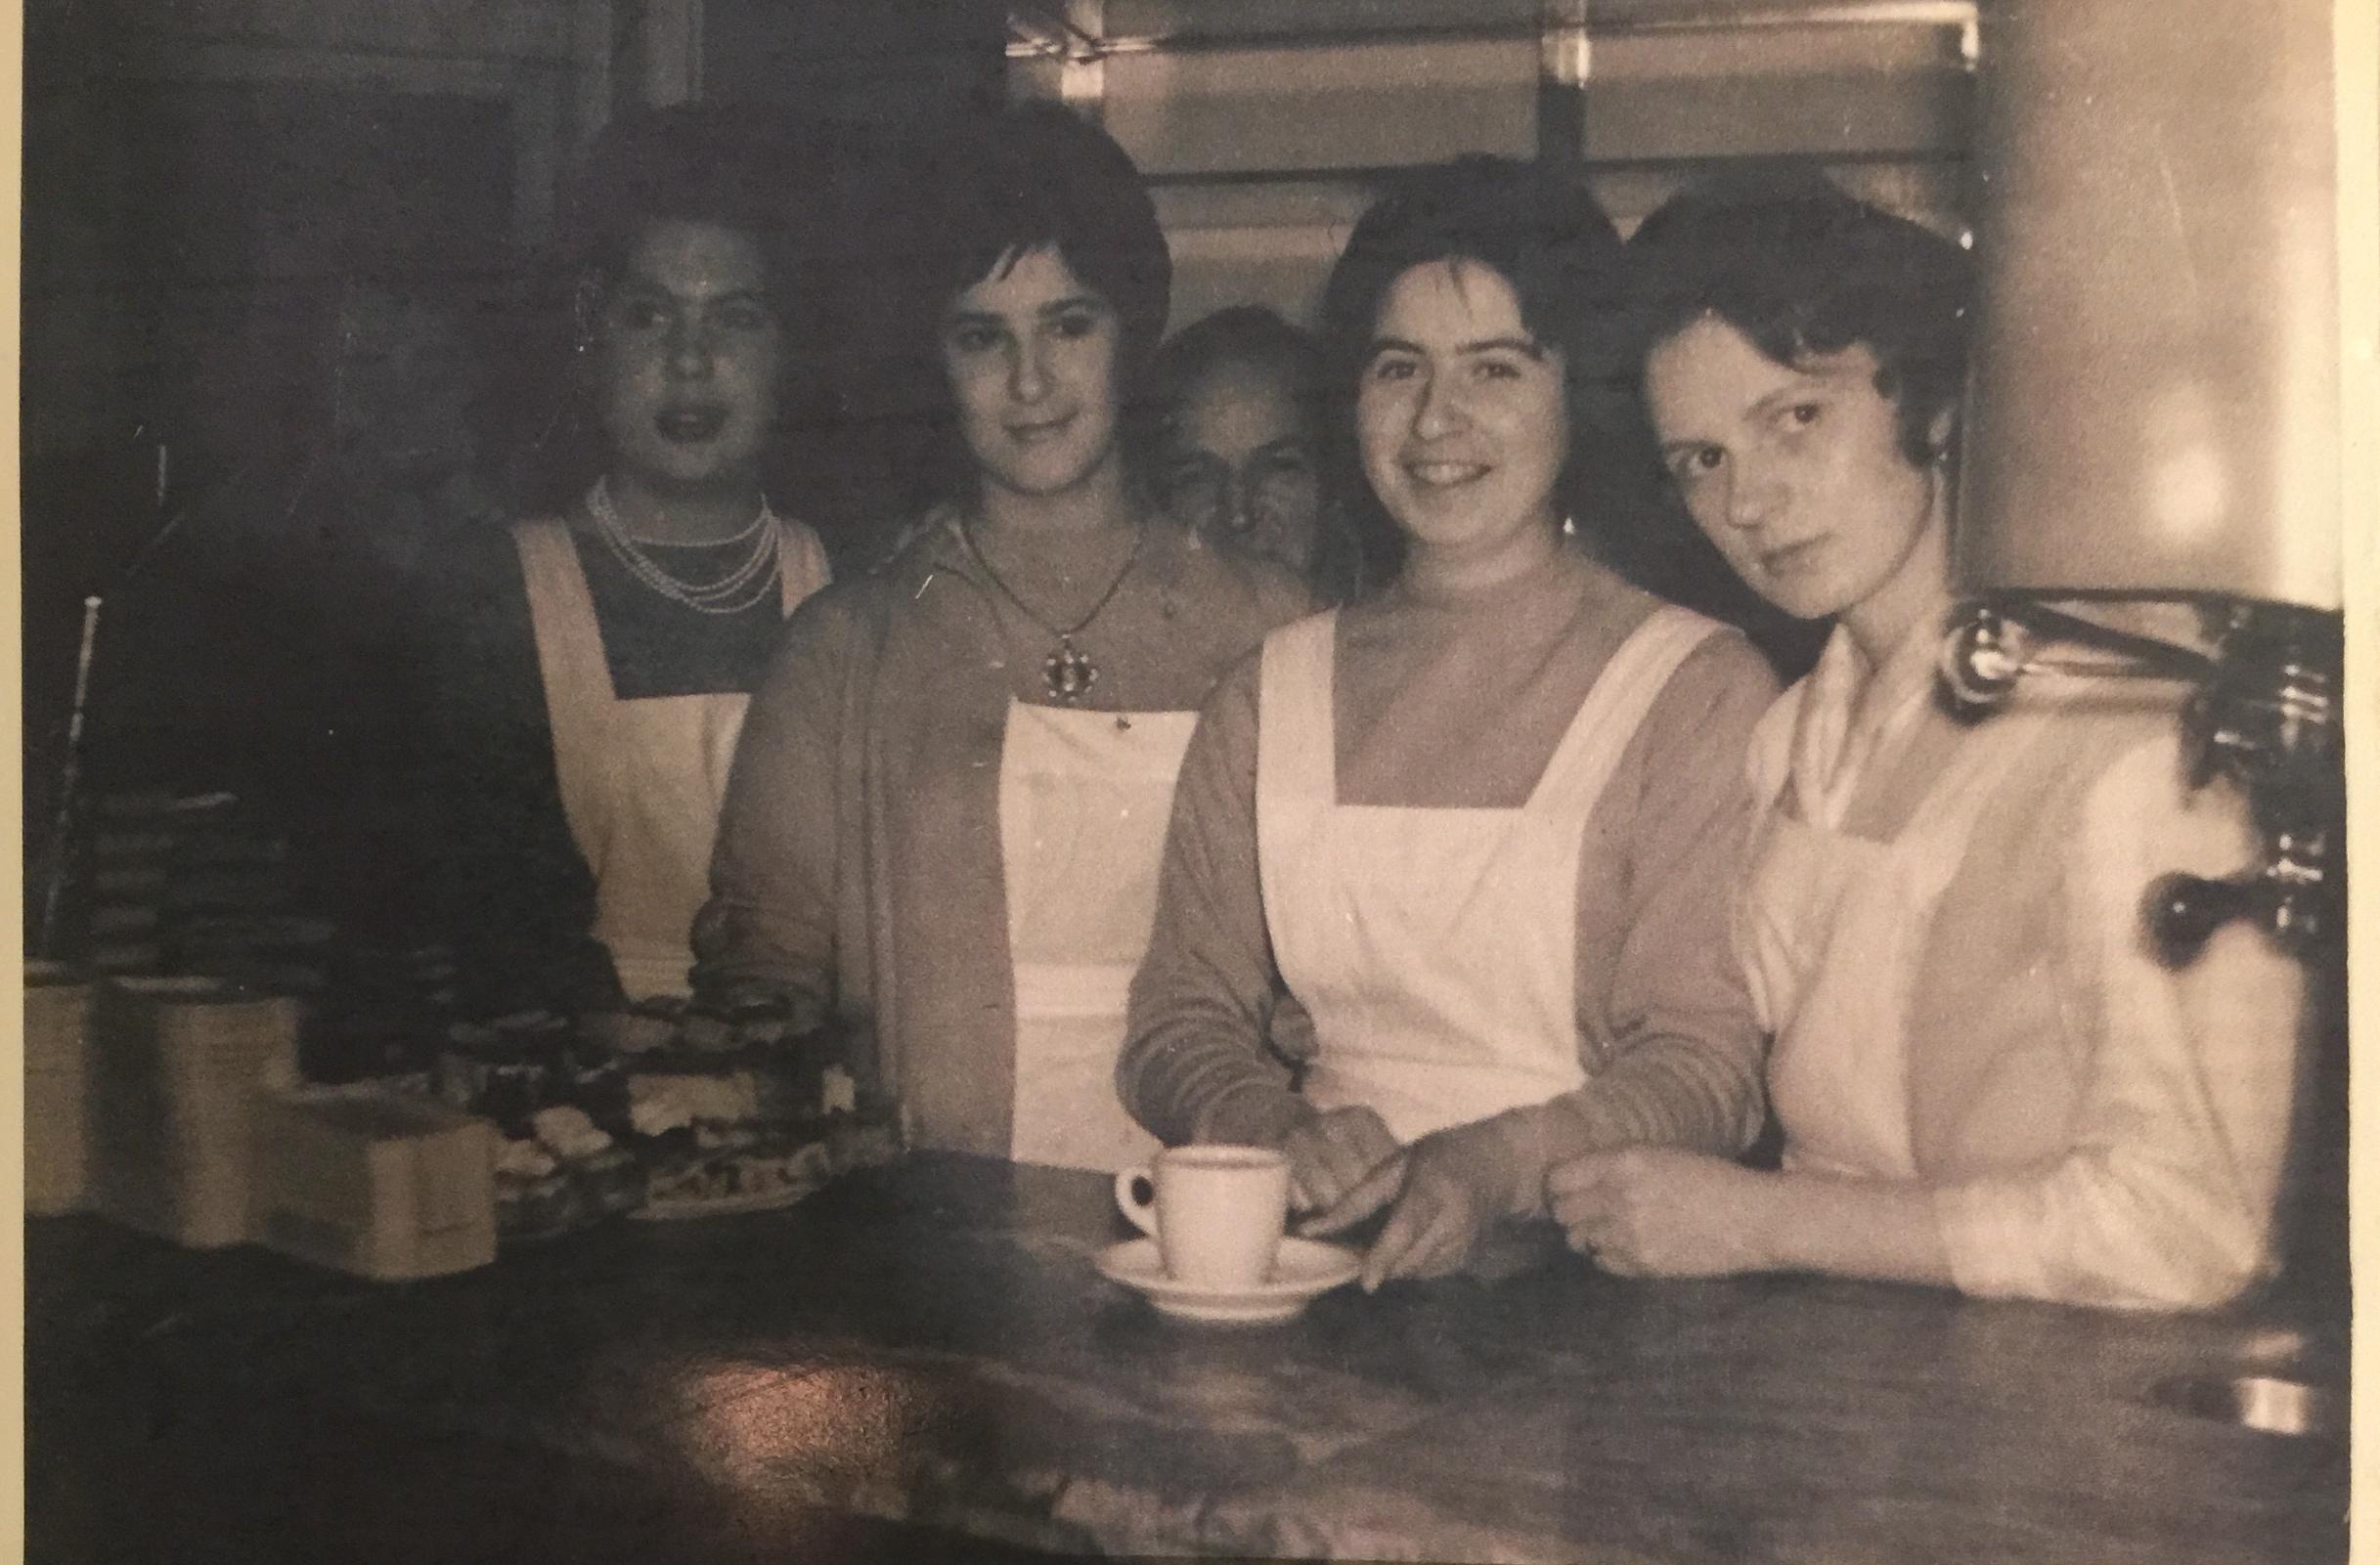 Florencia personeel rond 1960